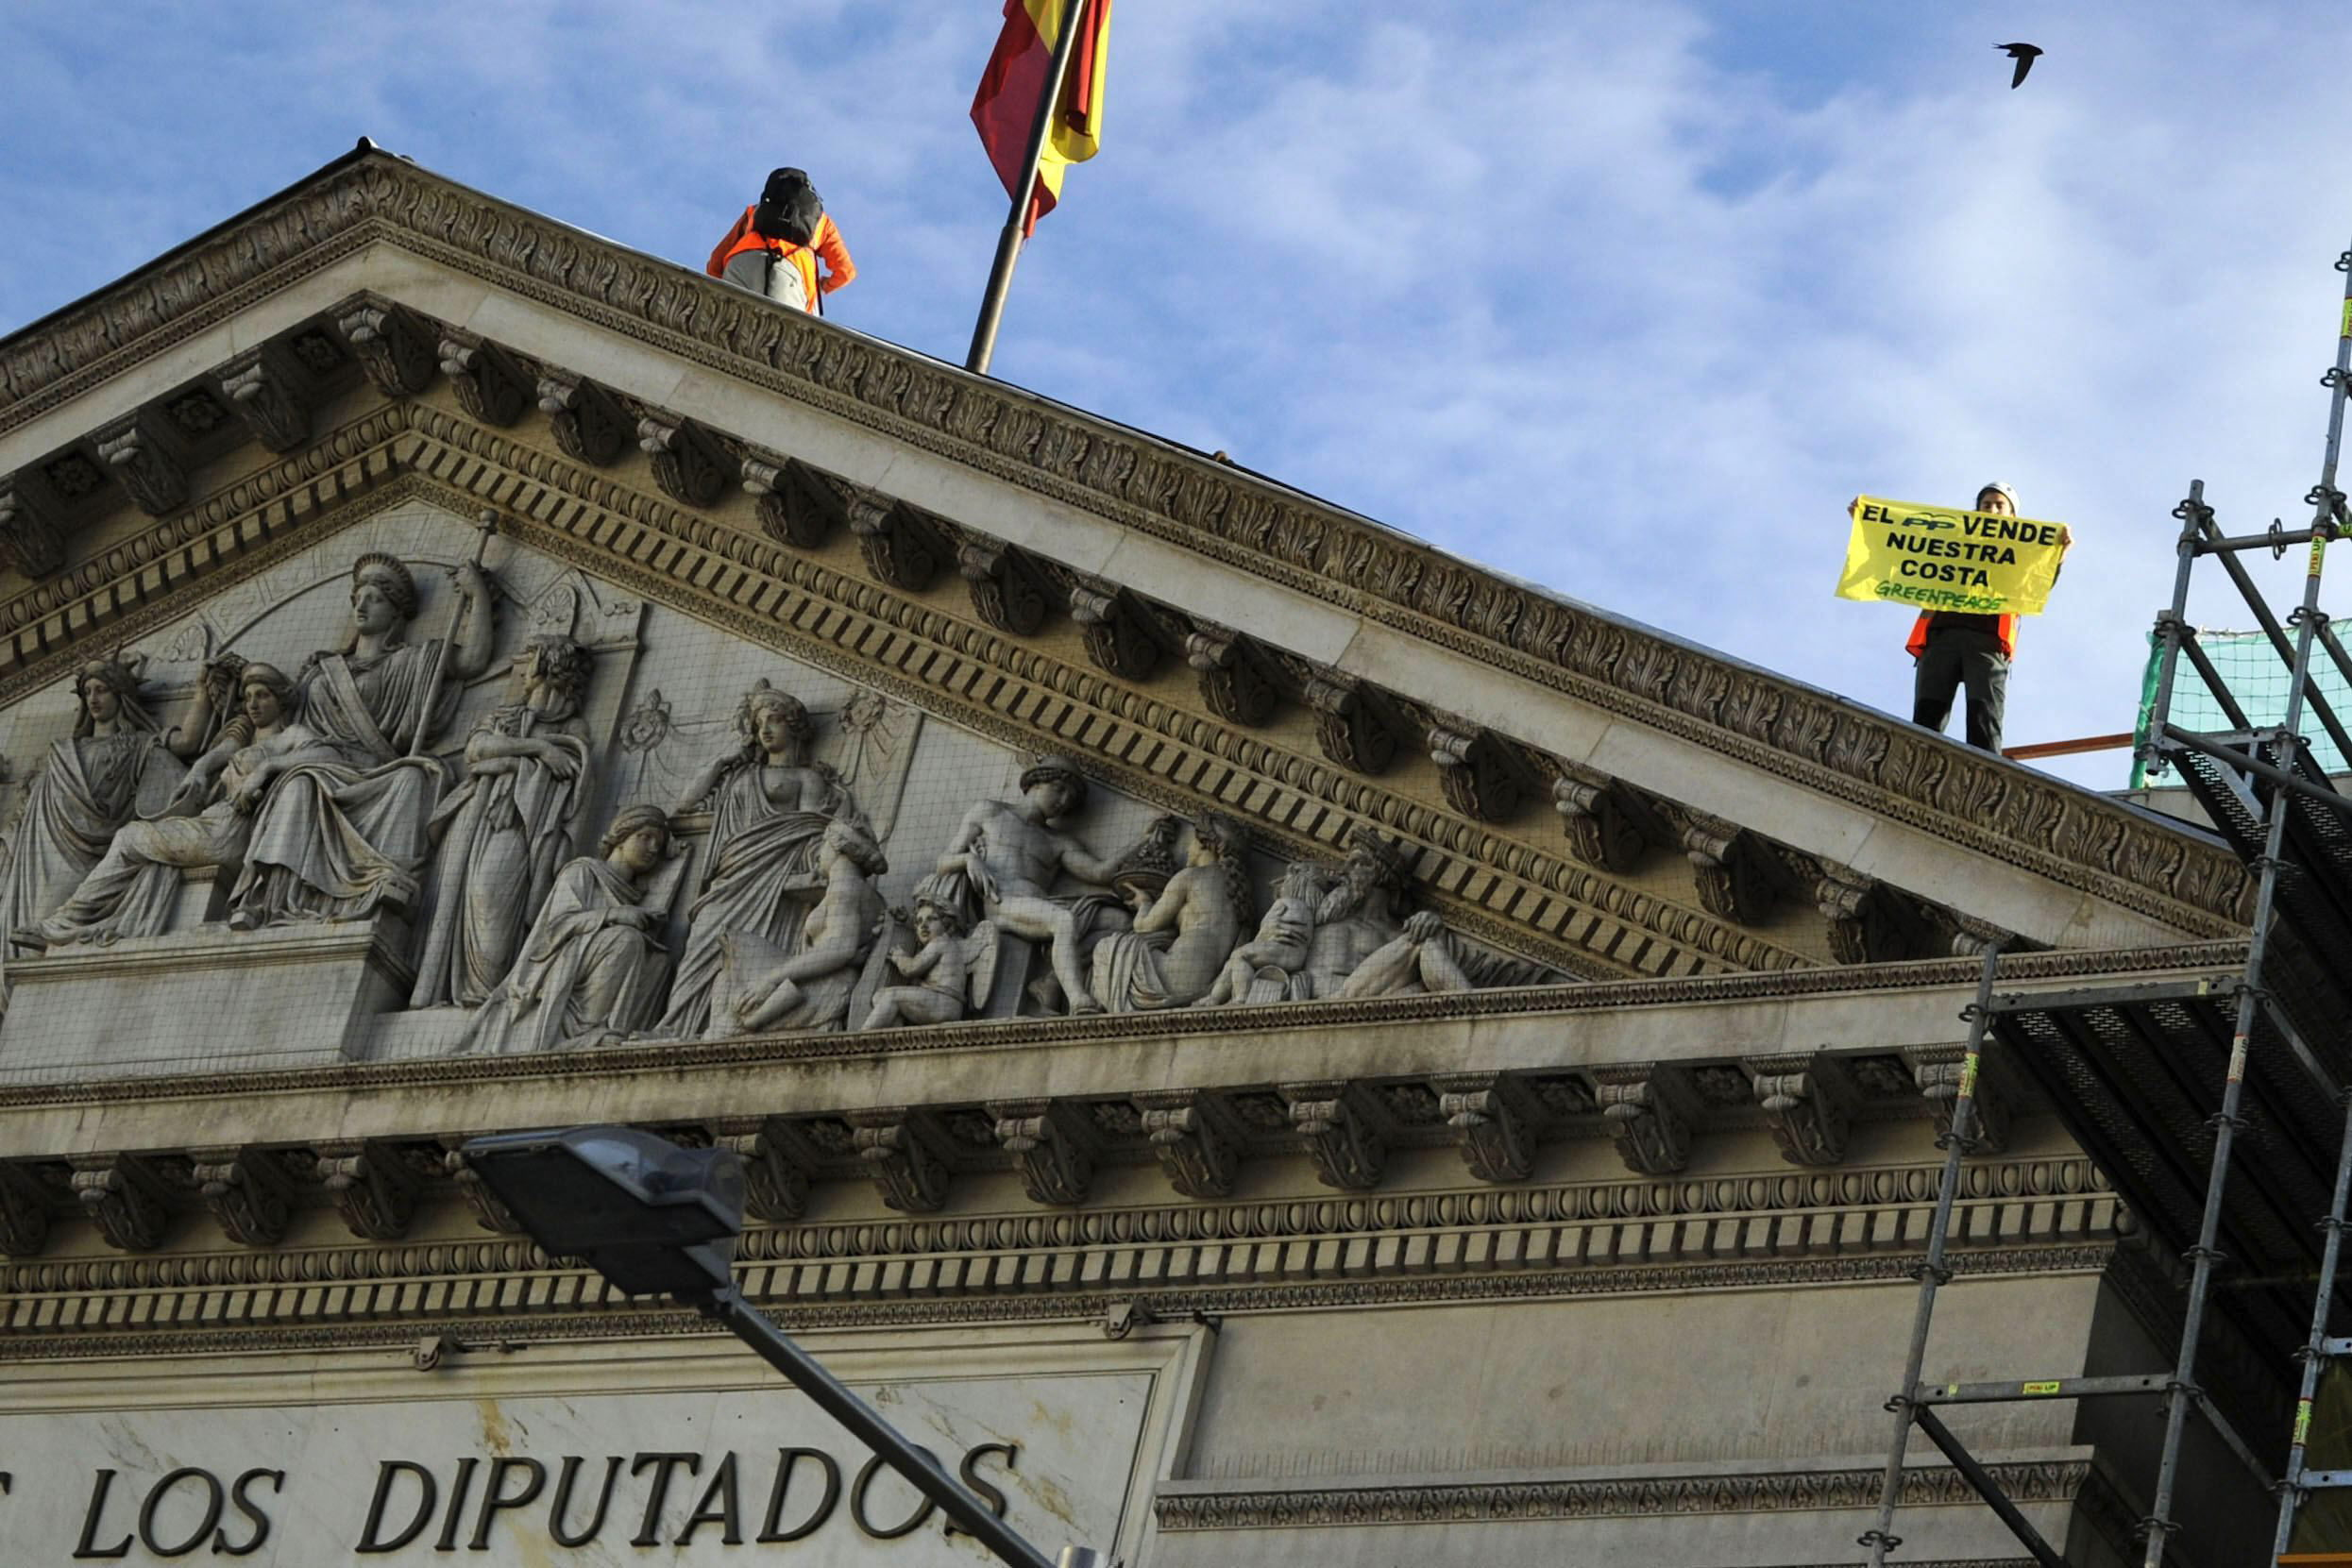 El fiscal no ve delito en el acto de Greenpeace en el Congreso porque no alteró el pleno